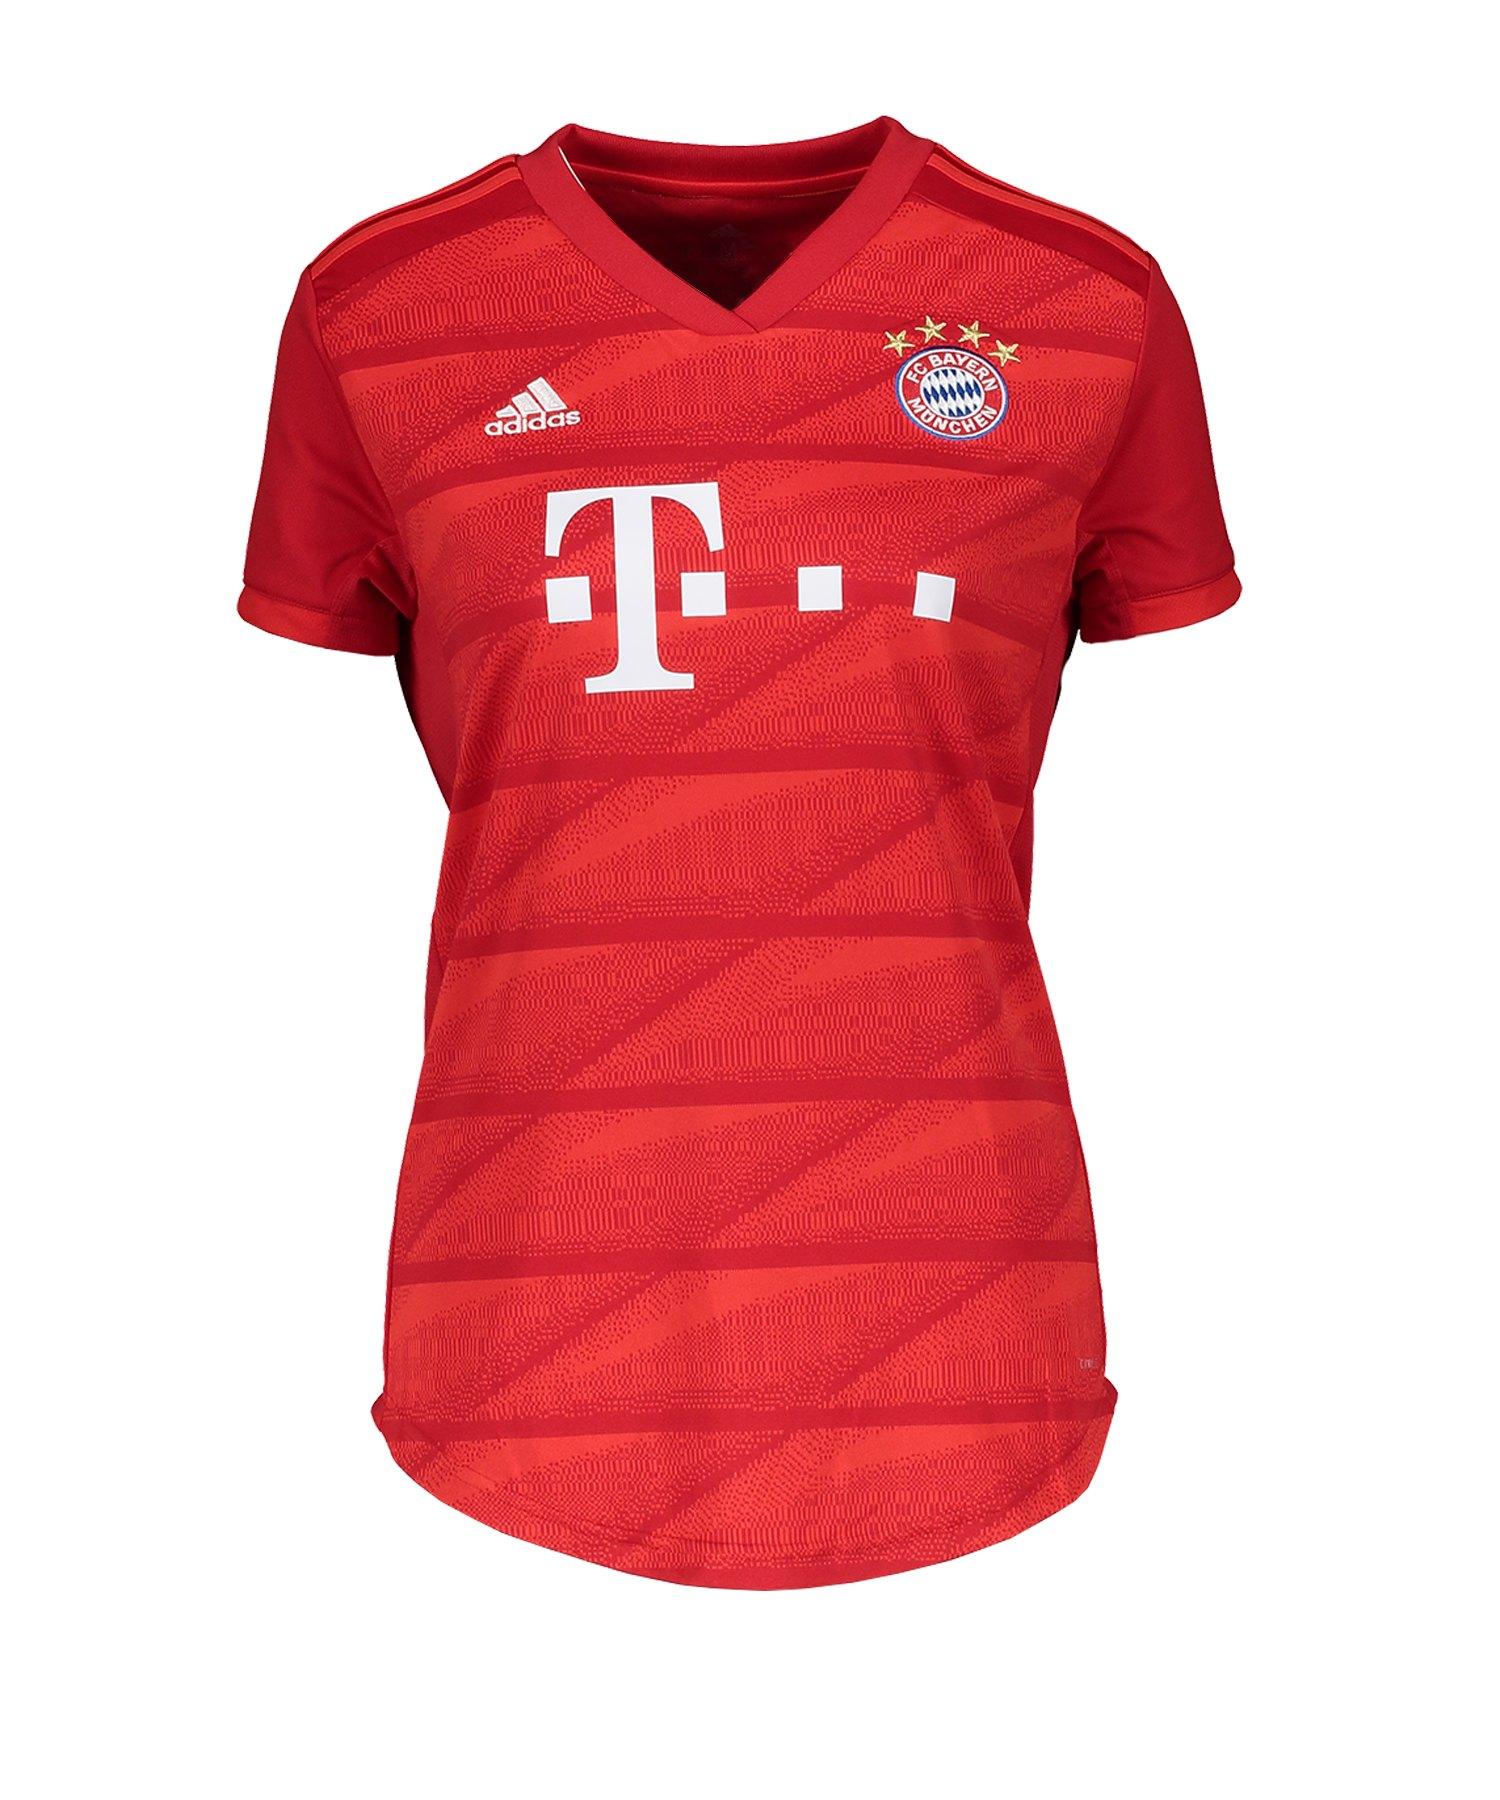 adidas FC Bayern München Trikot Away 2019/20 Damen - Weiss